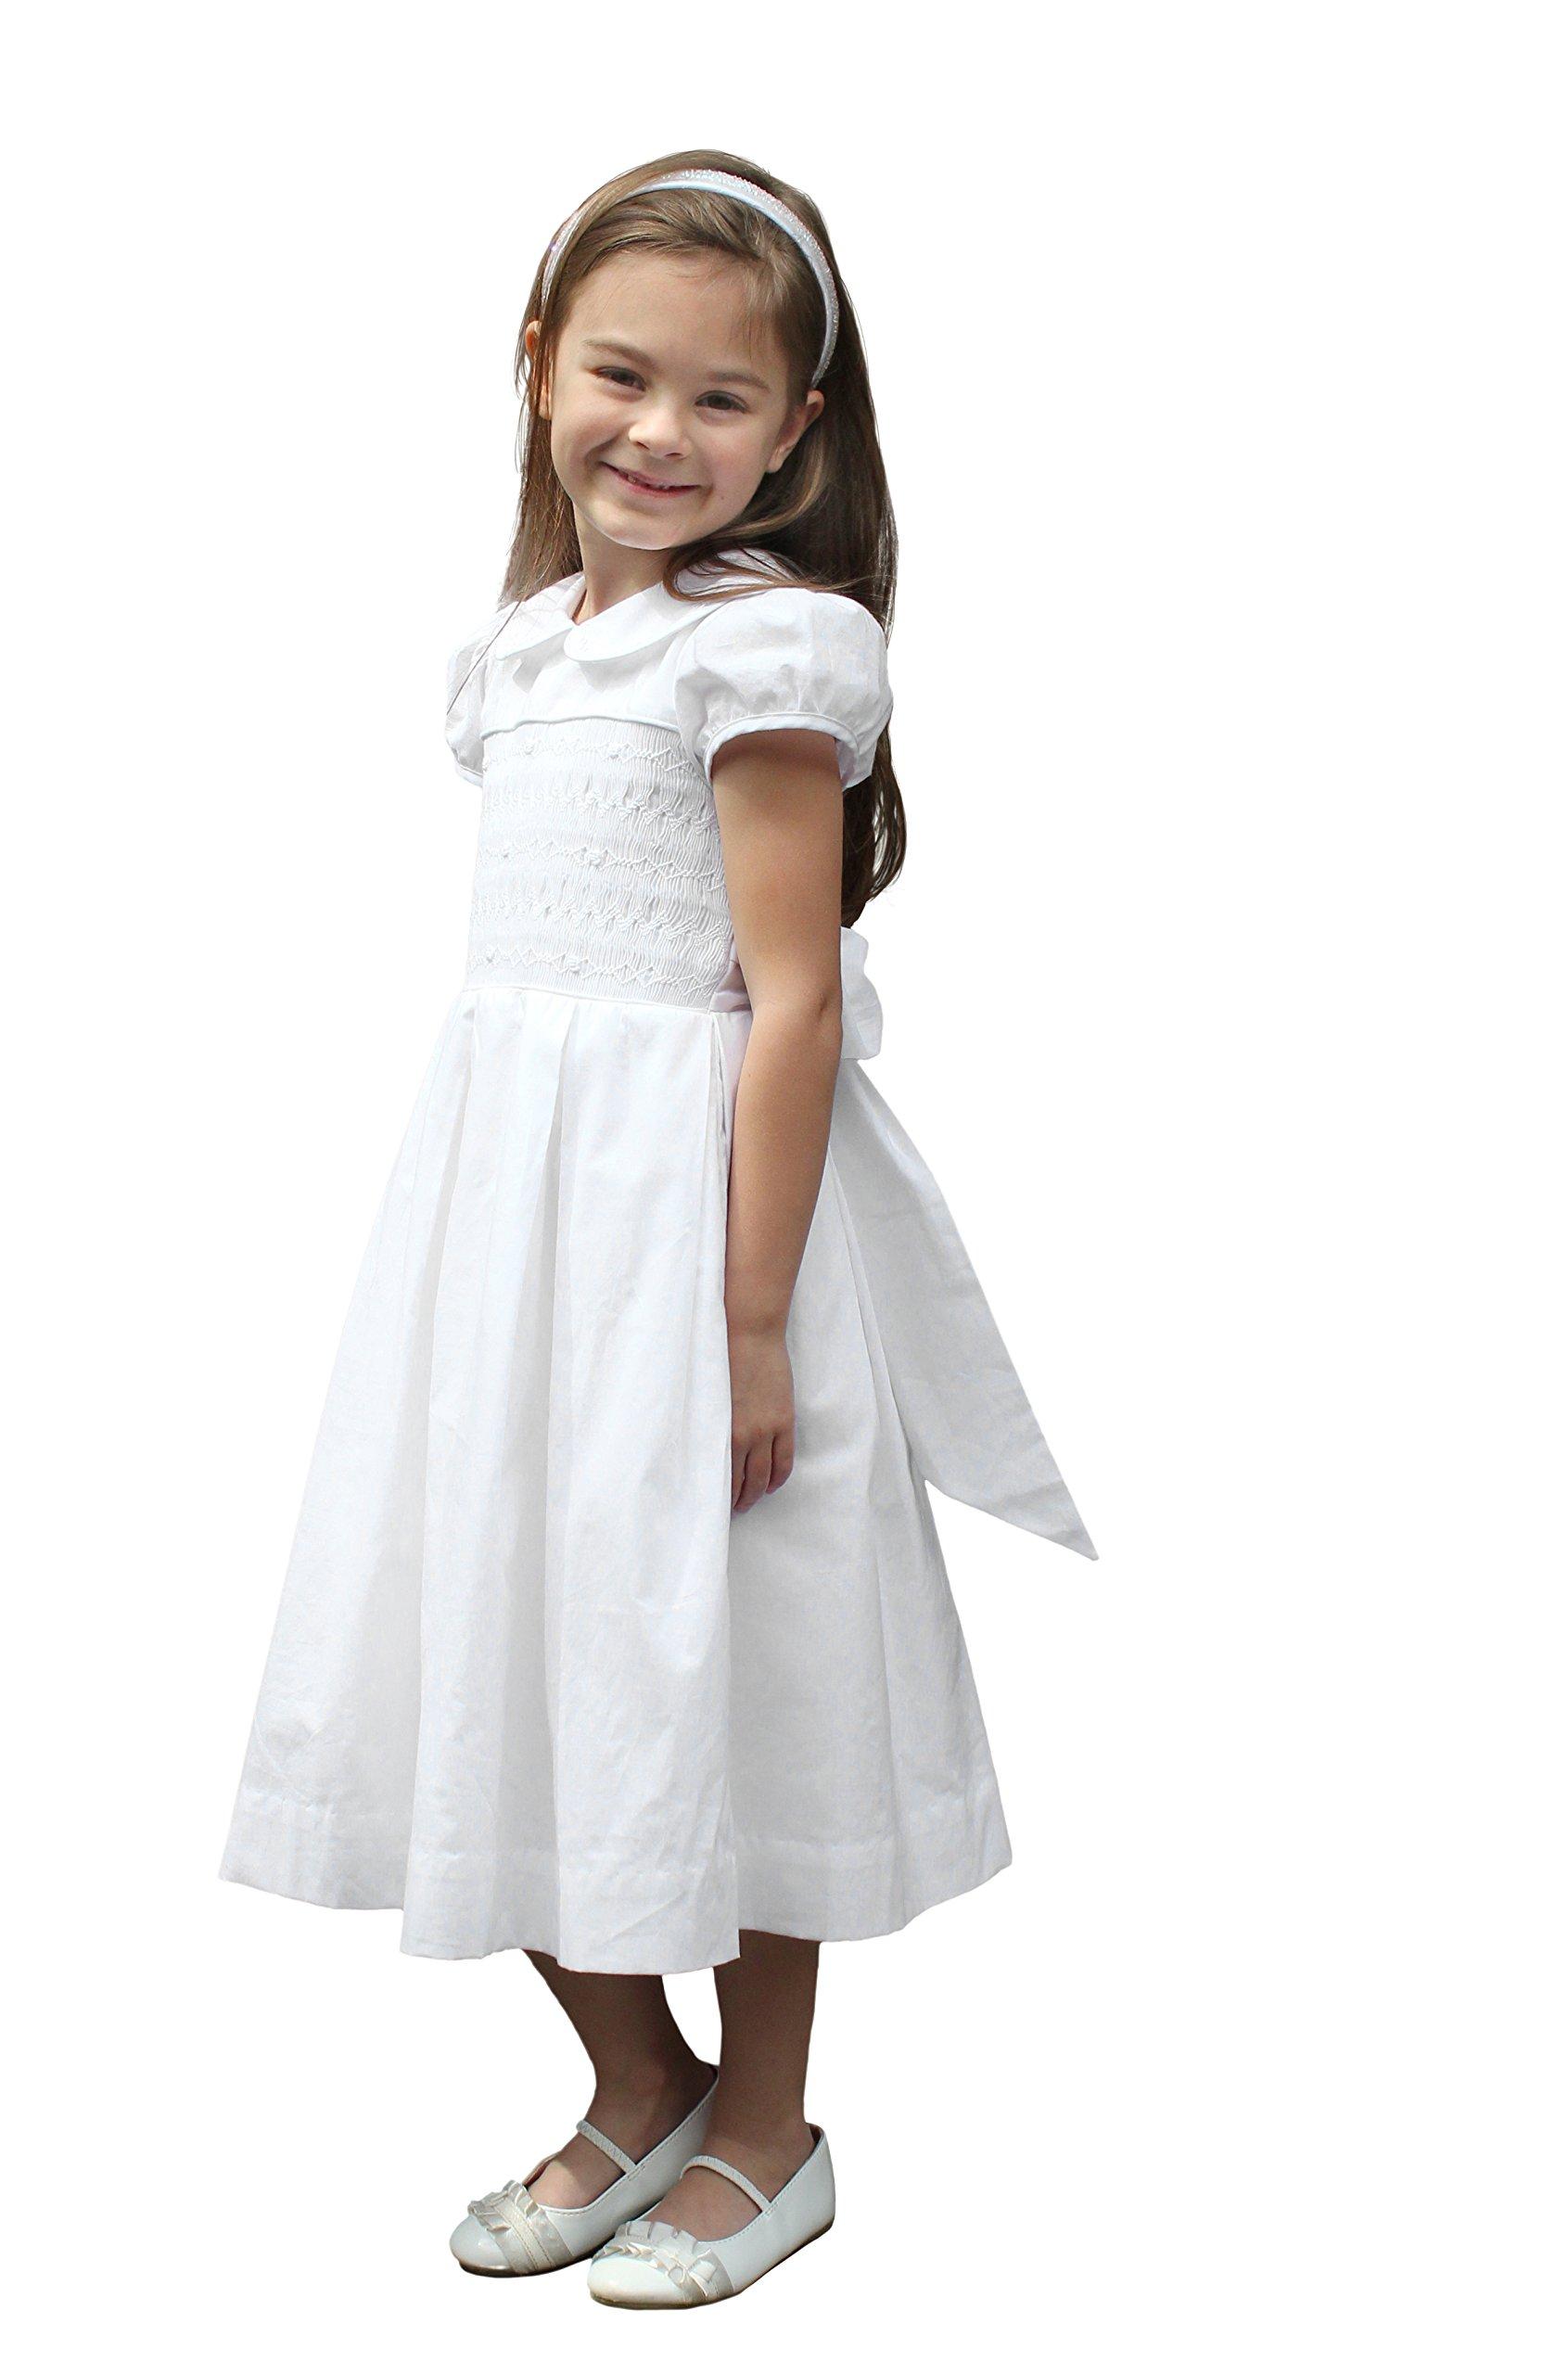 Strasburg Children Girls Smocked First Communion Dress Baptism Gown Flower Girl White (8)